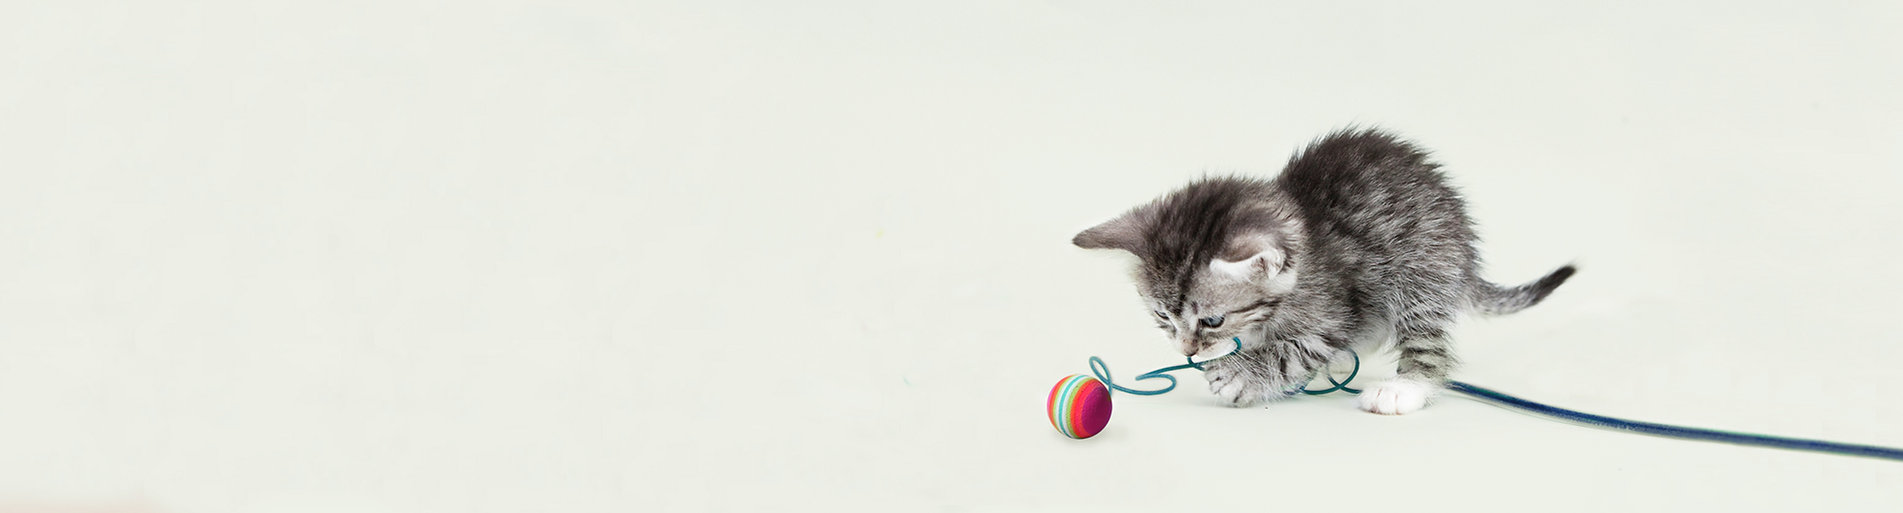 Futter für Kitten